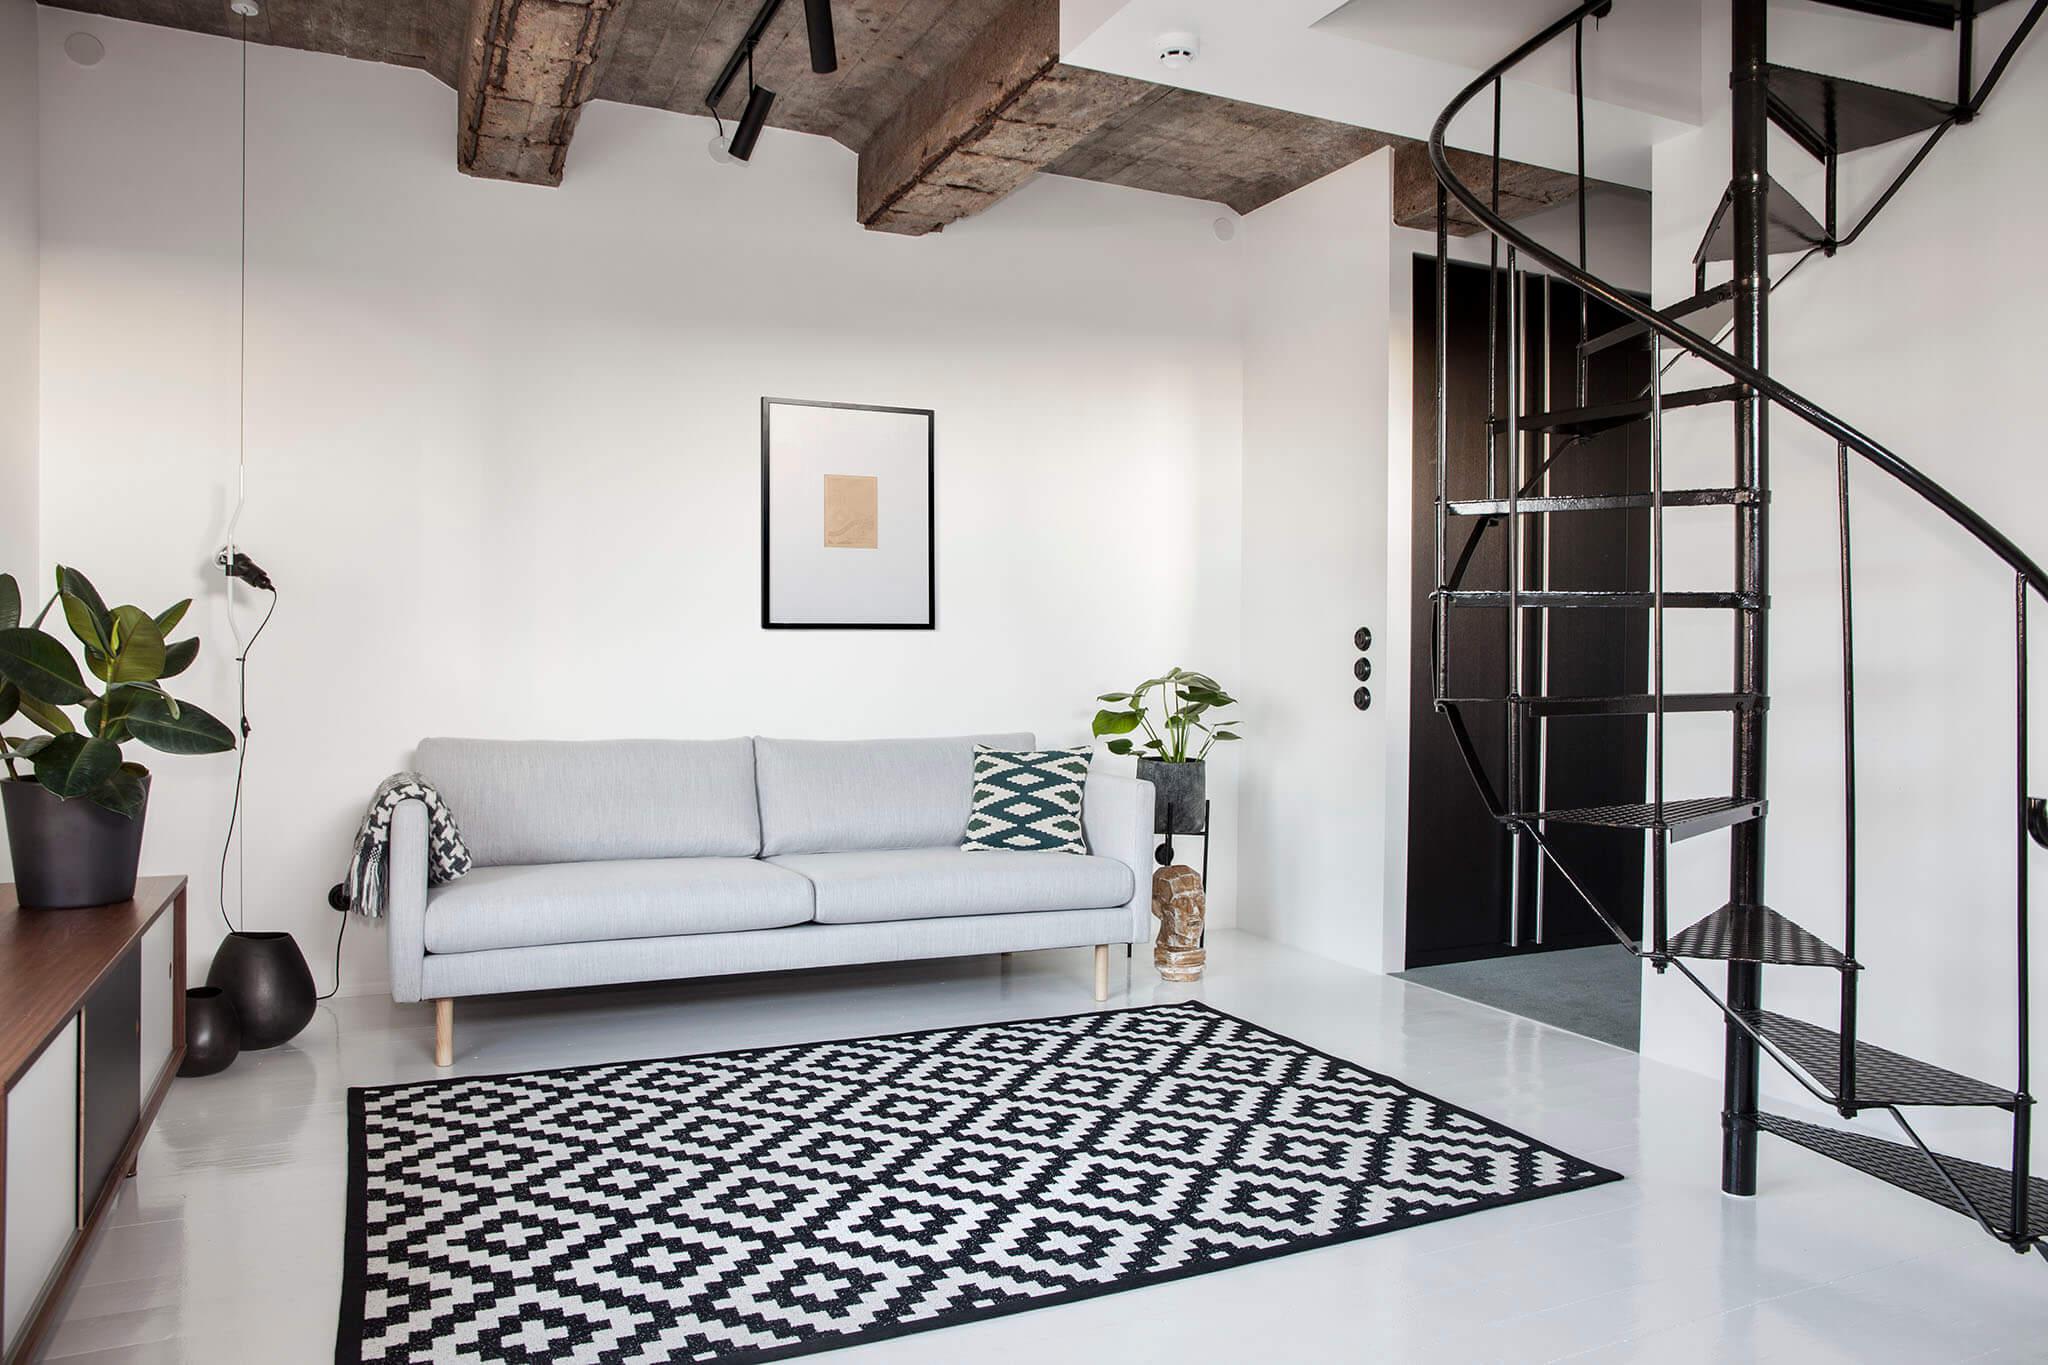 Sofa Online Kaufen Tipps Für Die Erfahrungen Im Online Möbel Kauf